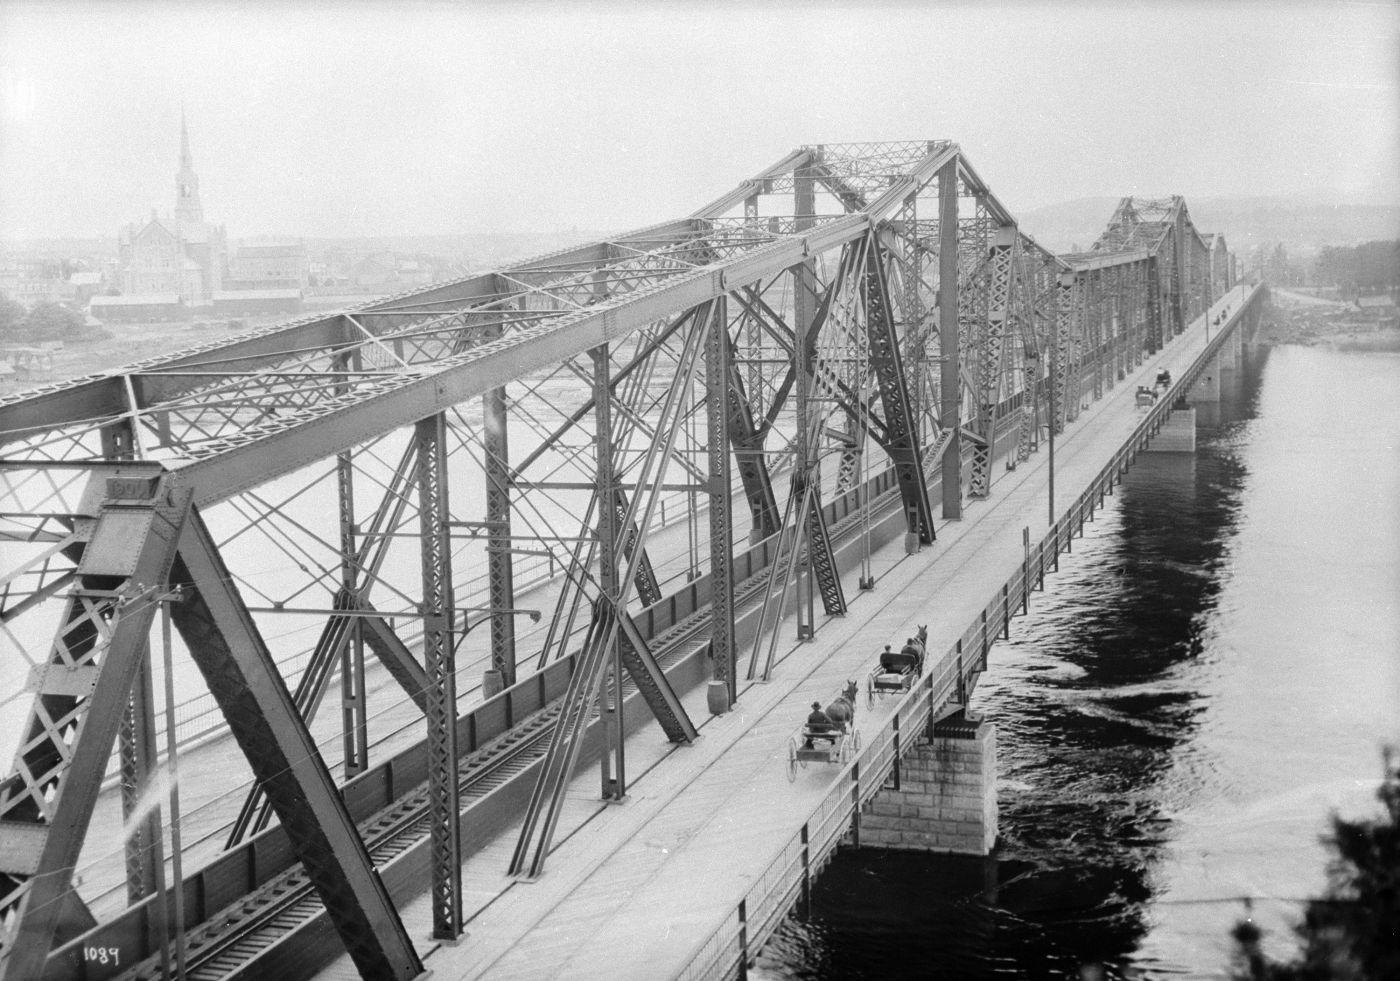 Photographie en noir et blanc d'un pont à treillis en acier surplombant une rivière. D'un côté du pont, des bogheis tirés par des chevaux se dirigent vers la rive où se trouve une église.